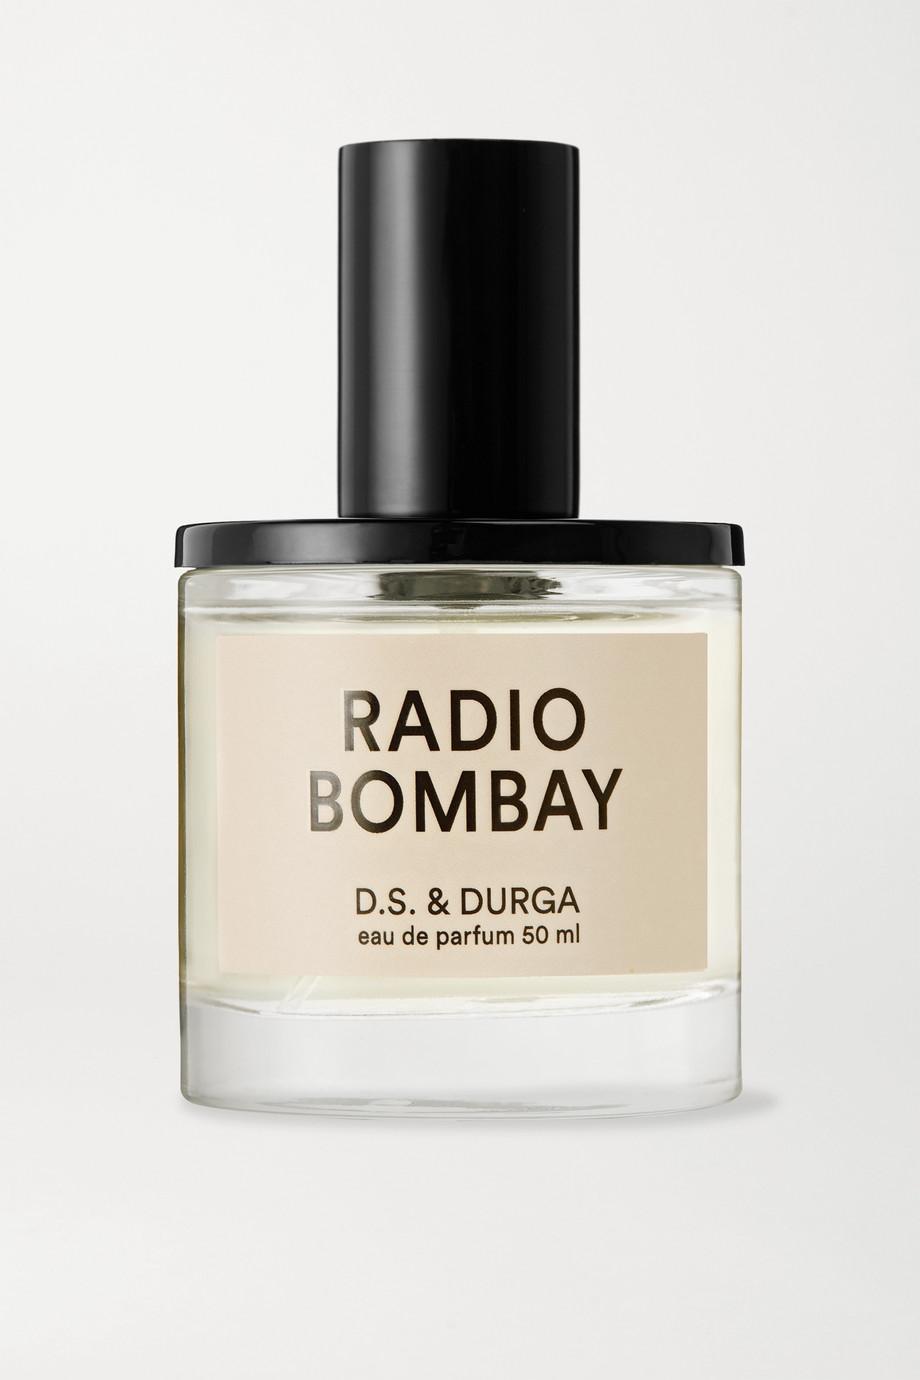 D.S. & Durga Eau de Parfum - Radio Bombay, 50ml